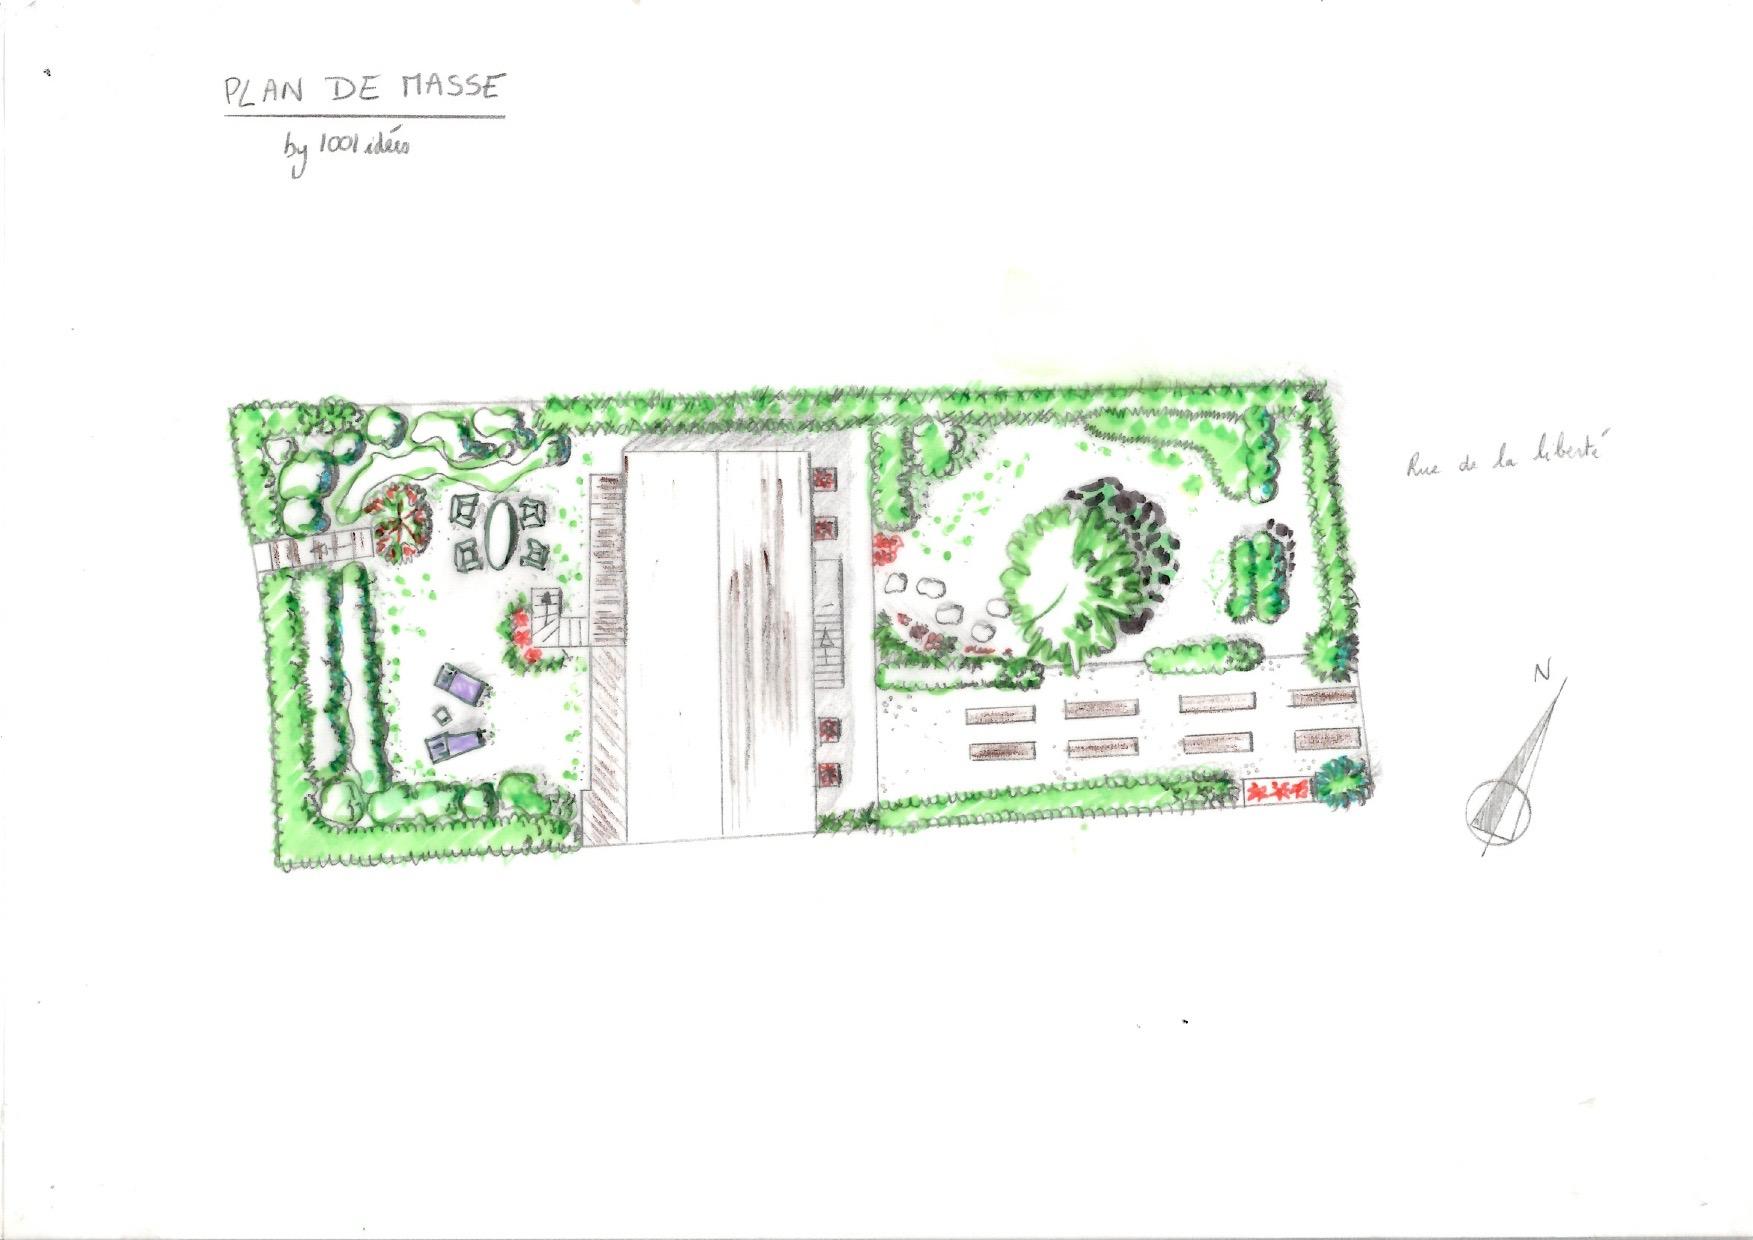 Plan de masse dessin 1001 idées